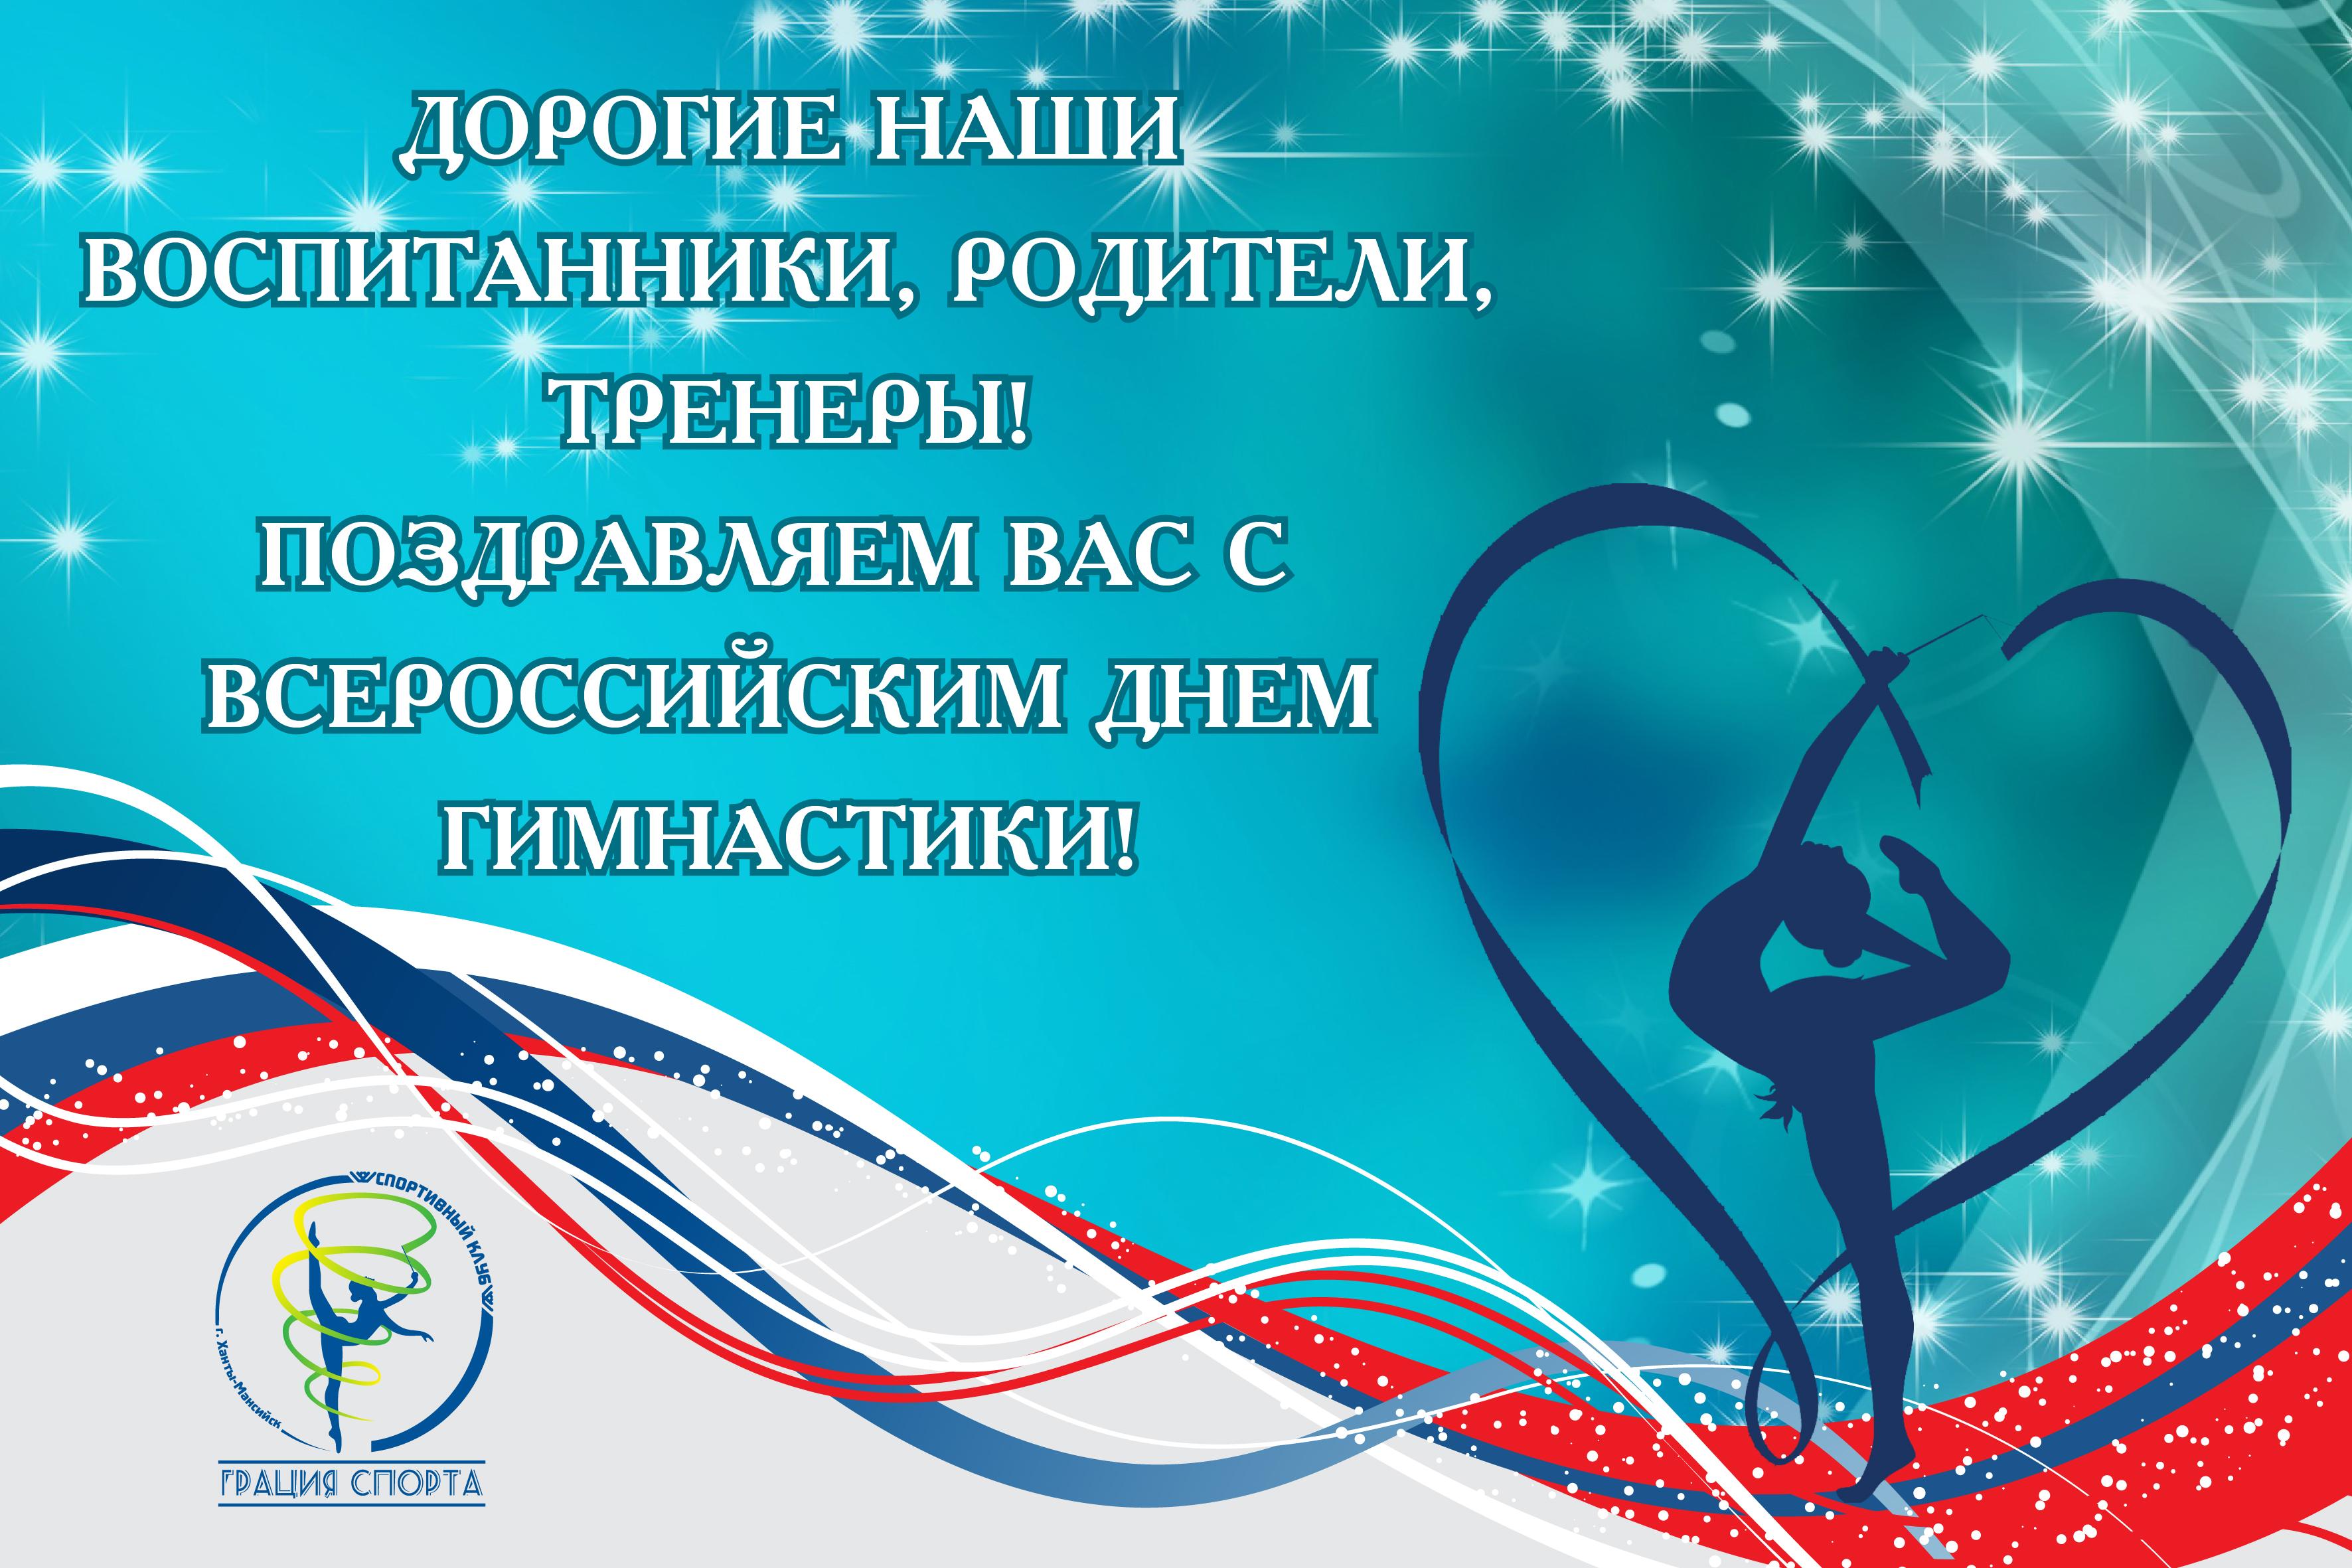 Поздравление тренера по гимнастике 552